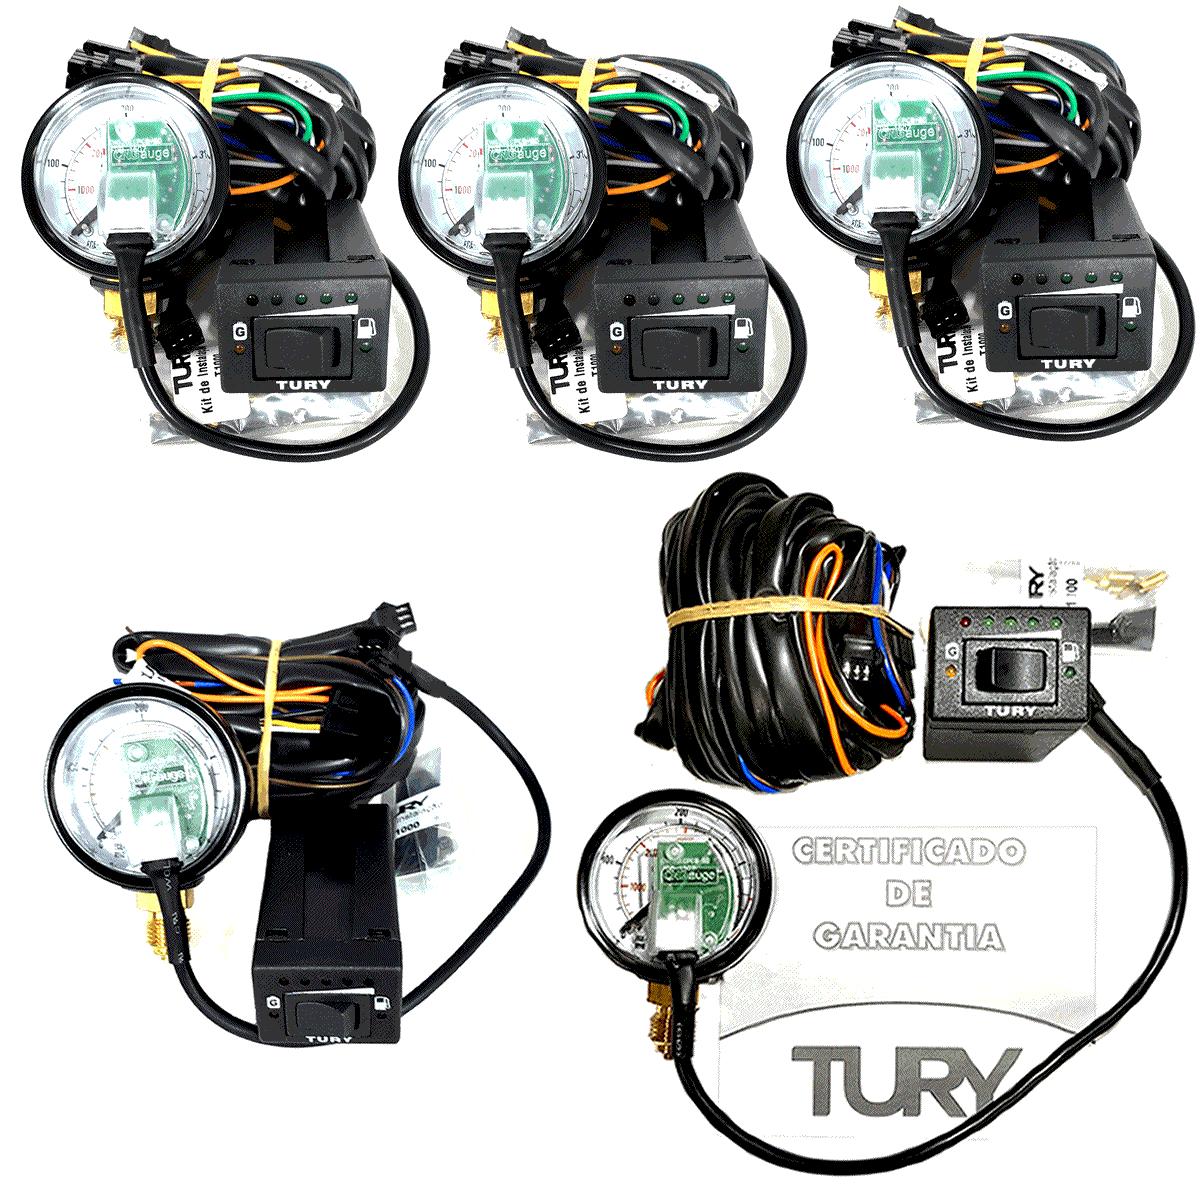 05 Comutadoras TURY T1000A Completa Manômetro Chicote p/Revenda